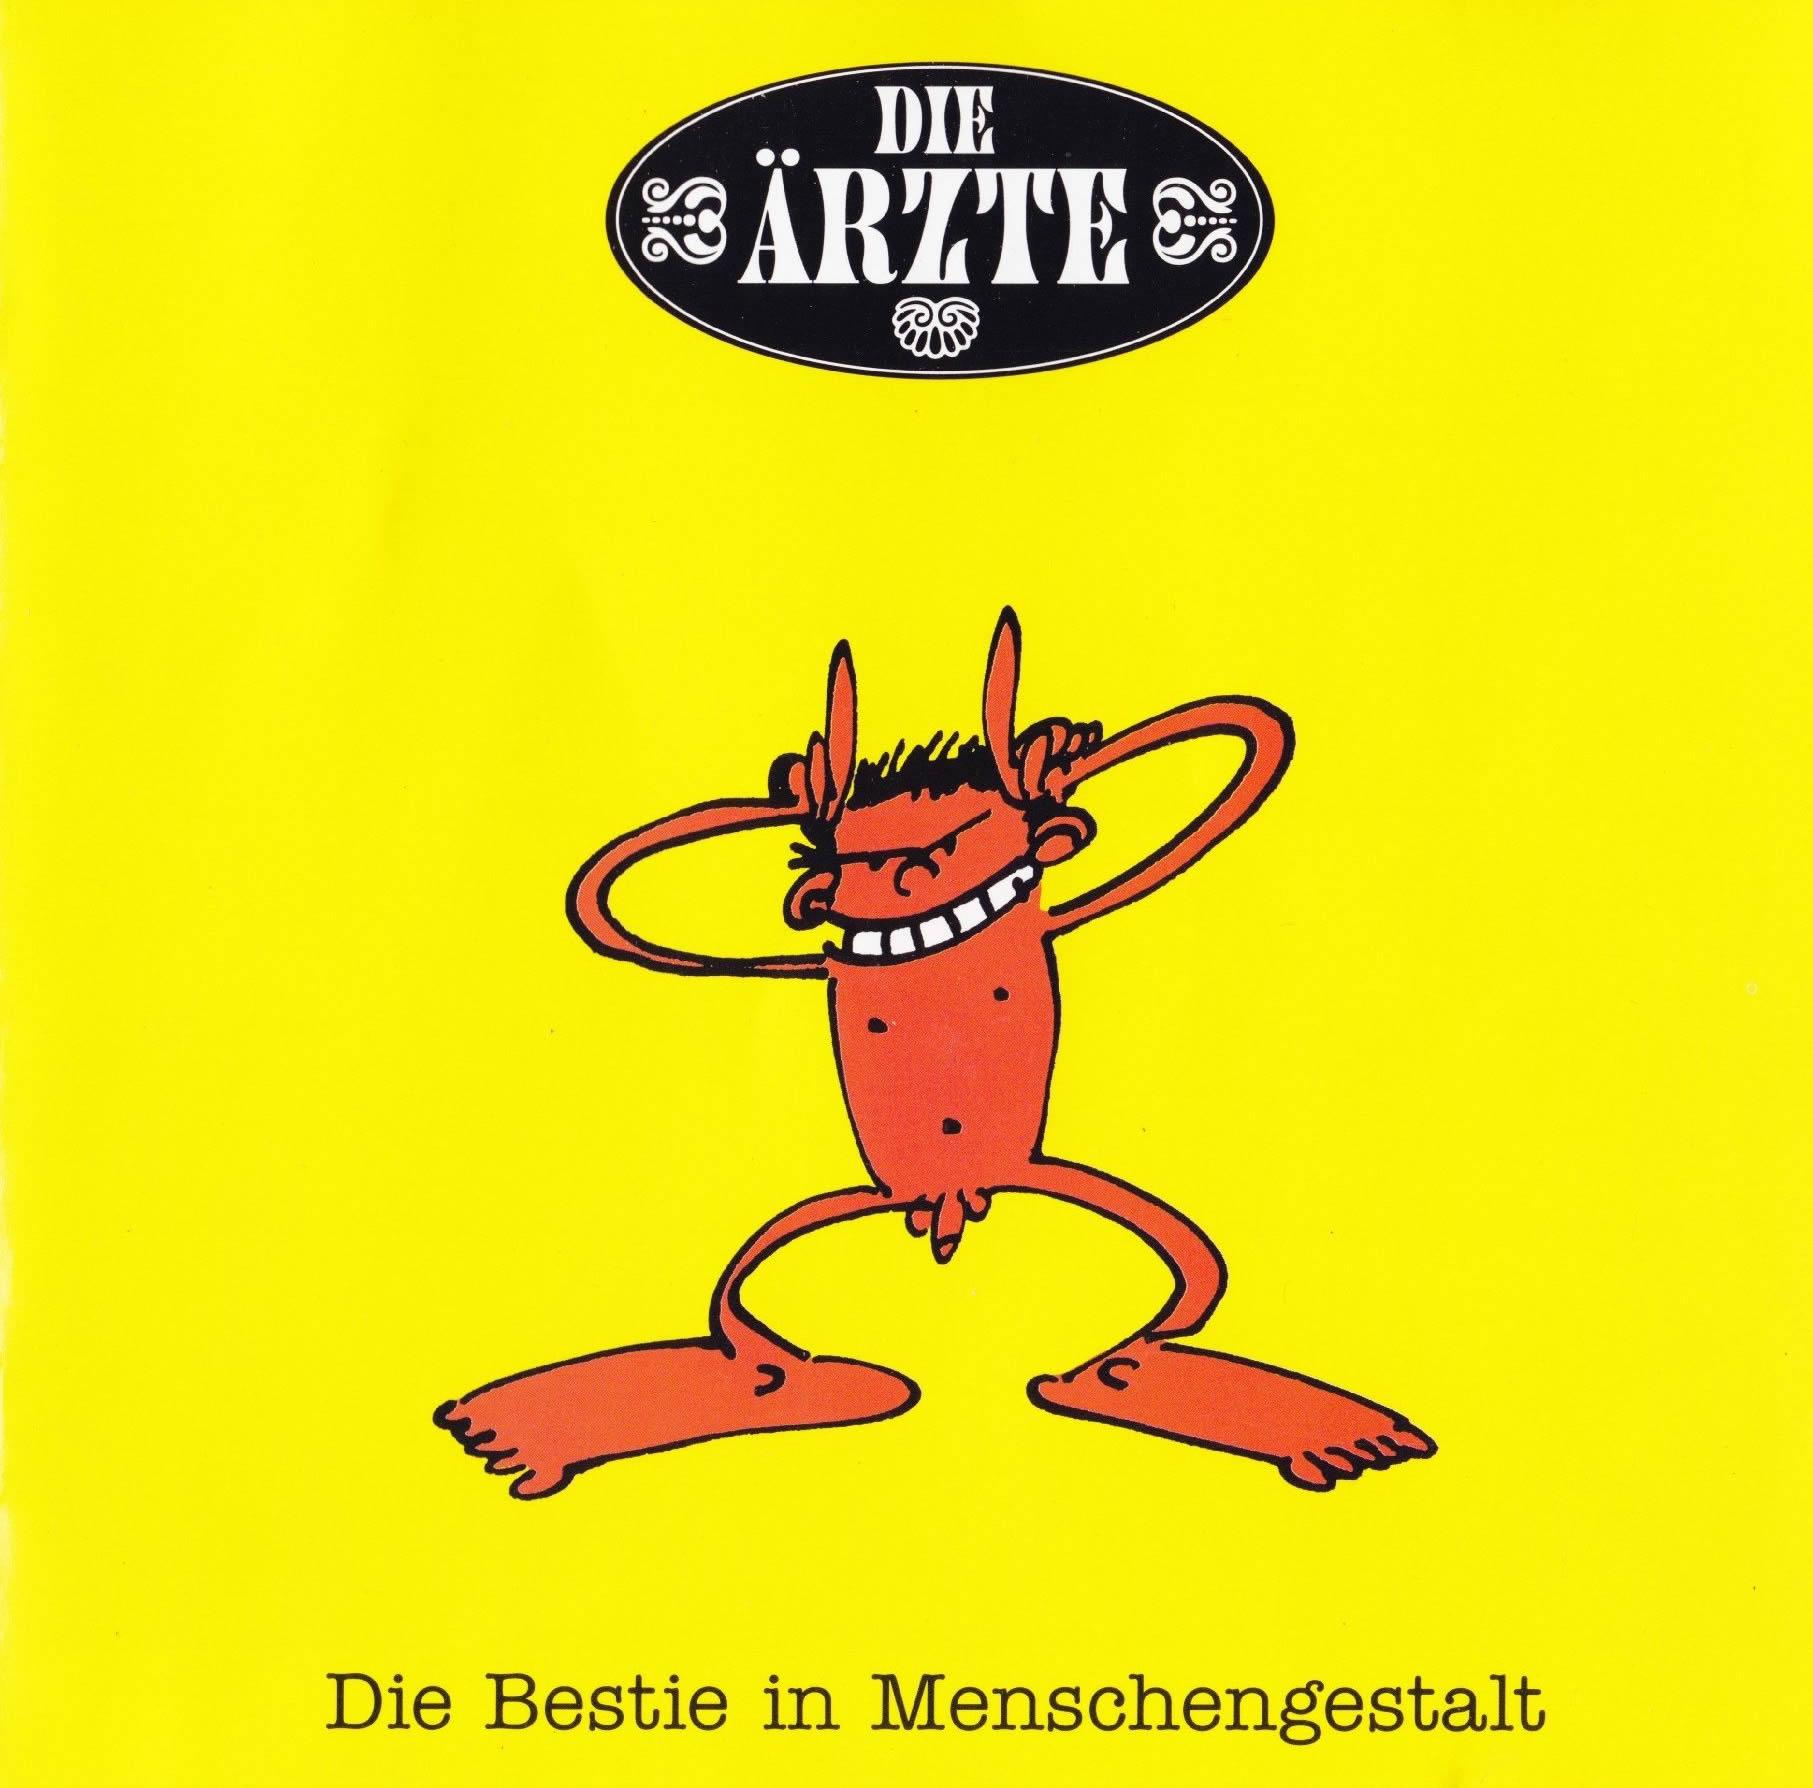 Die ärzte Die Bestie In Menschengestalt Austrianchartsat